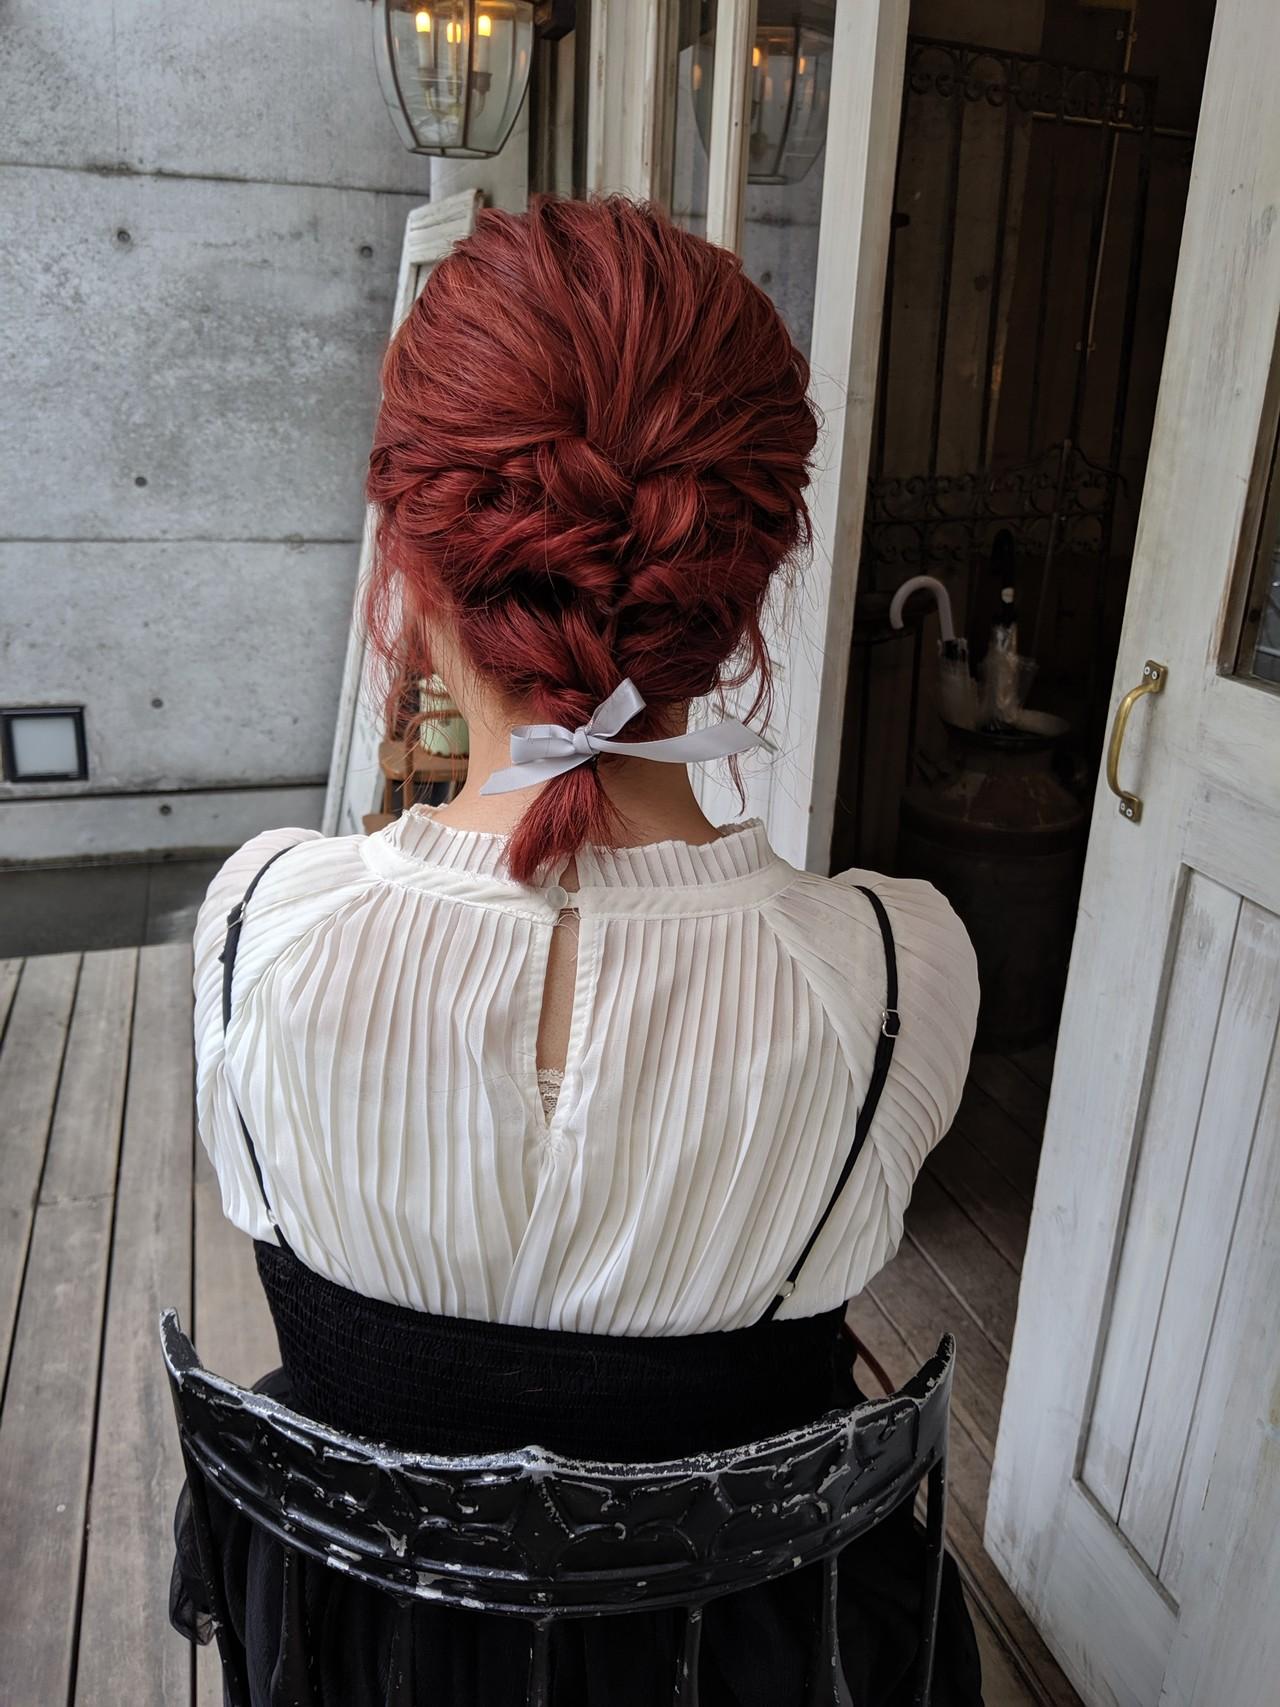 ガーリー チェリーレッド ミディアム ヘアアレンジ ヘアスタイルや髪型の写真・画像 | HIFUMI / möwen